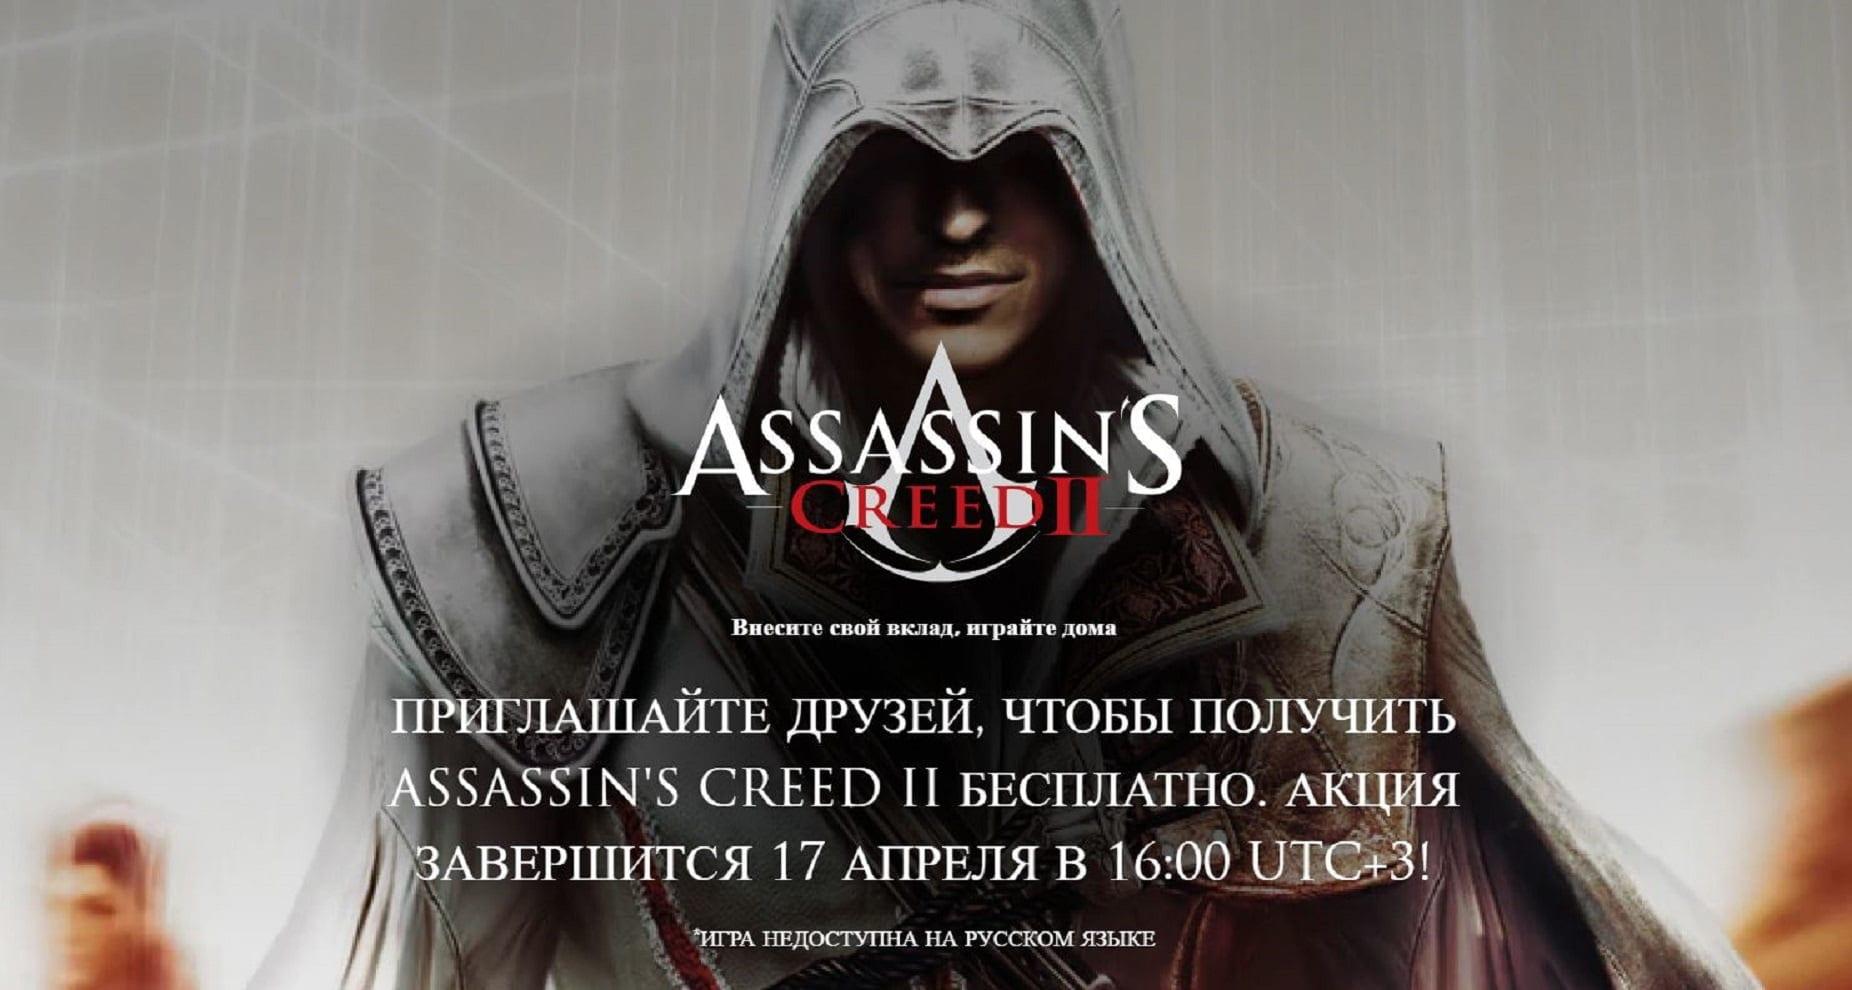 Компания Ubisoft устроила бесплатную раздачу своего бессмертного шедевра Assassin's Creed II